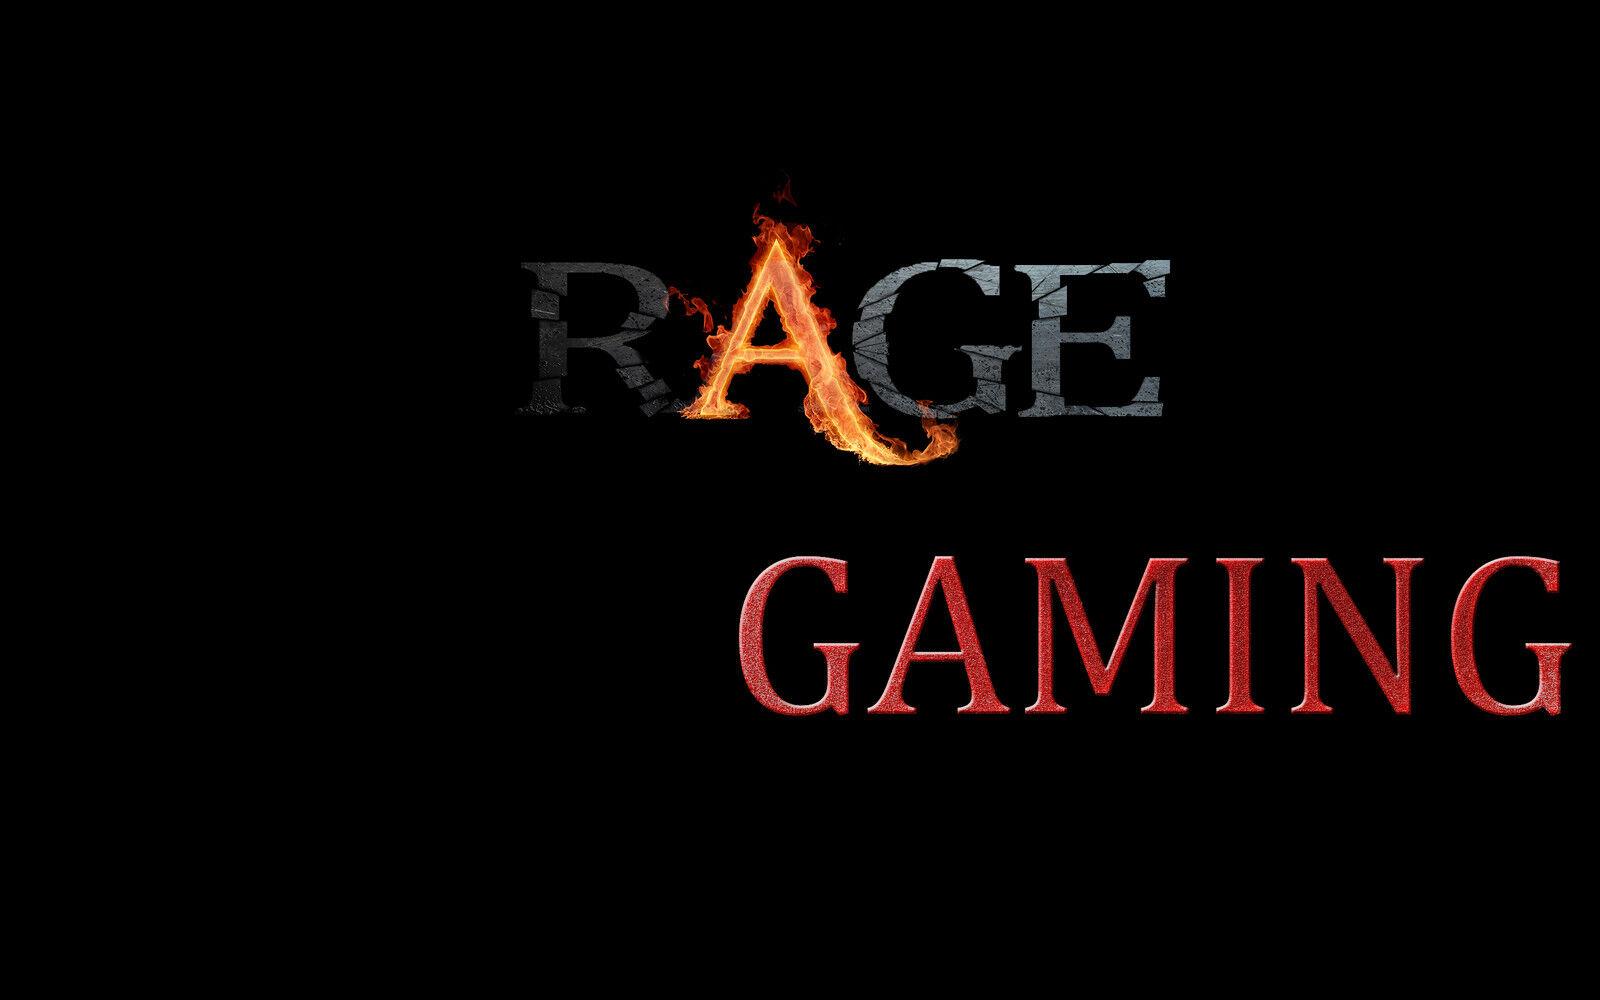 Rage Gaming Zone